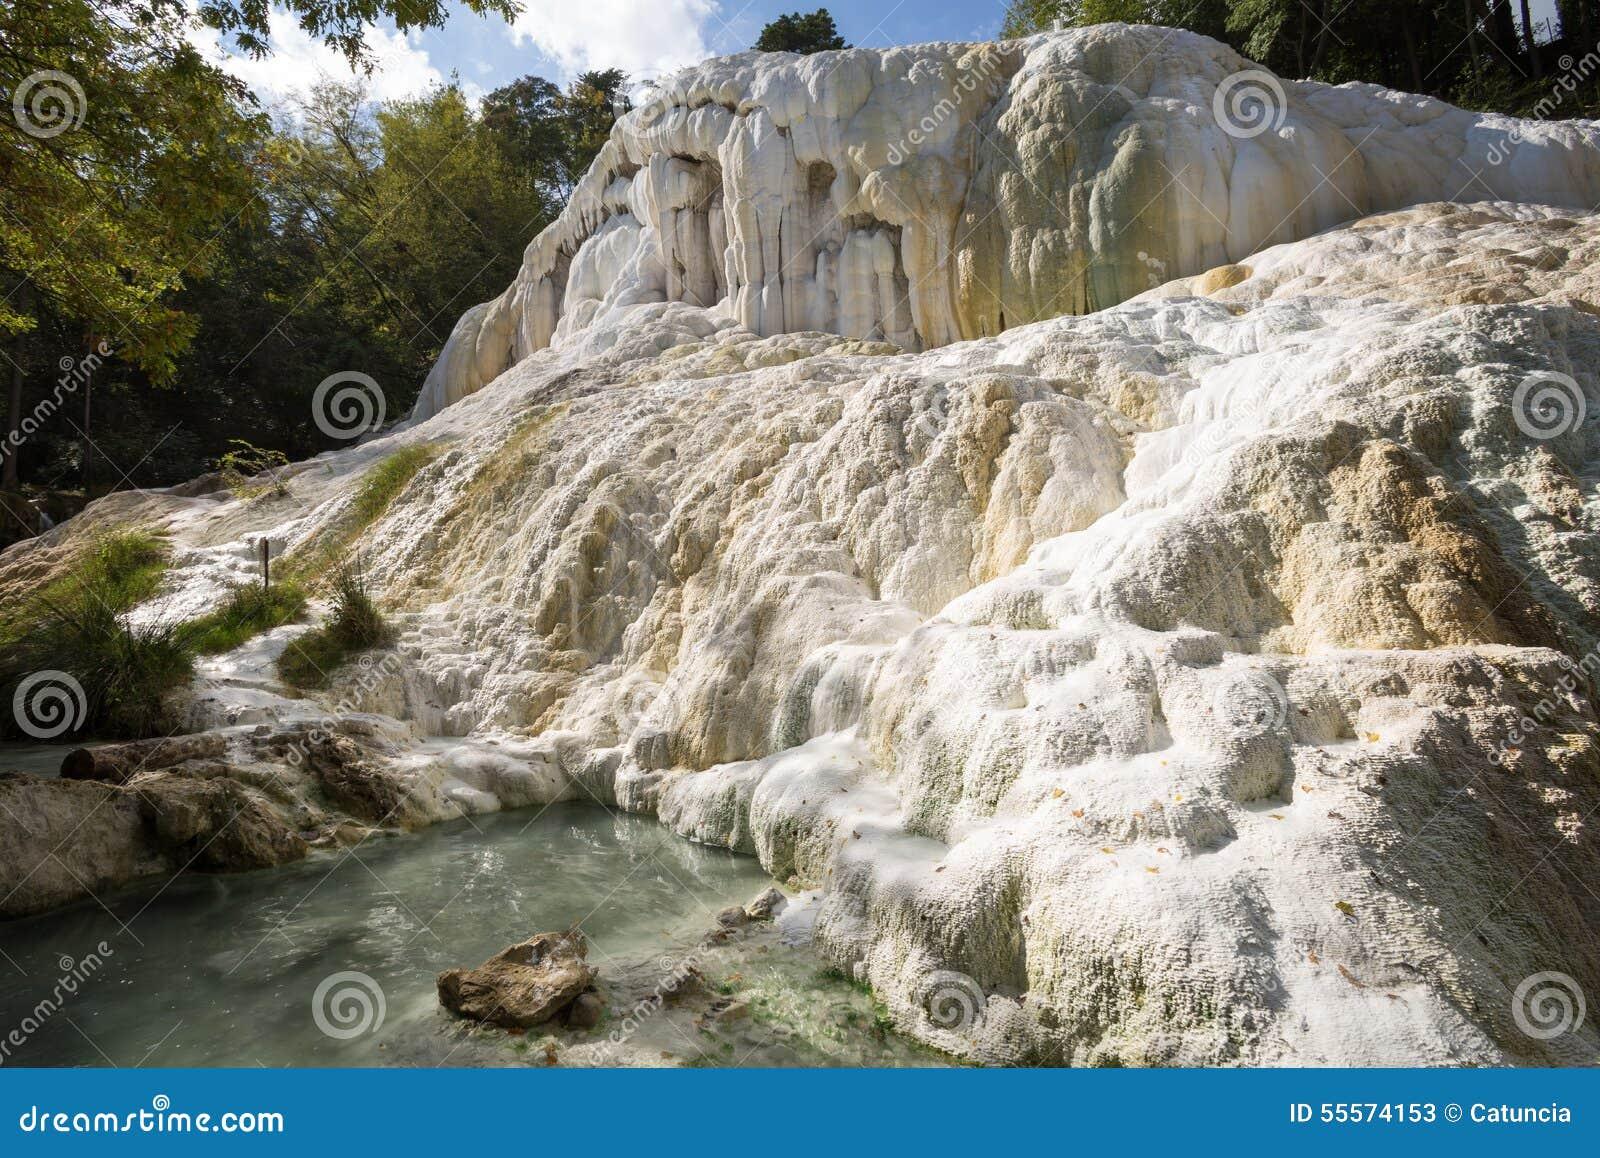 heiße quellen fosso bianco in bagni san filippo stockbild - bild von